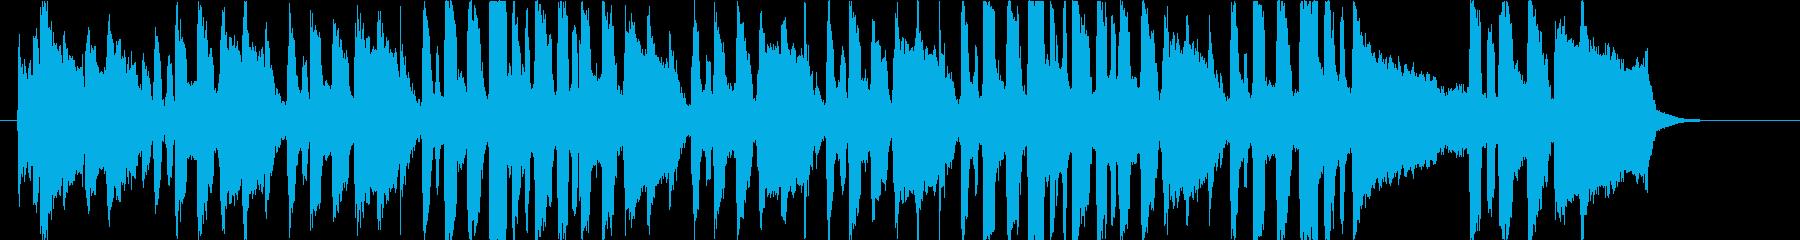 誕生日の歌(ワルツver) 【ハルト】の再生済みの波形